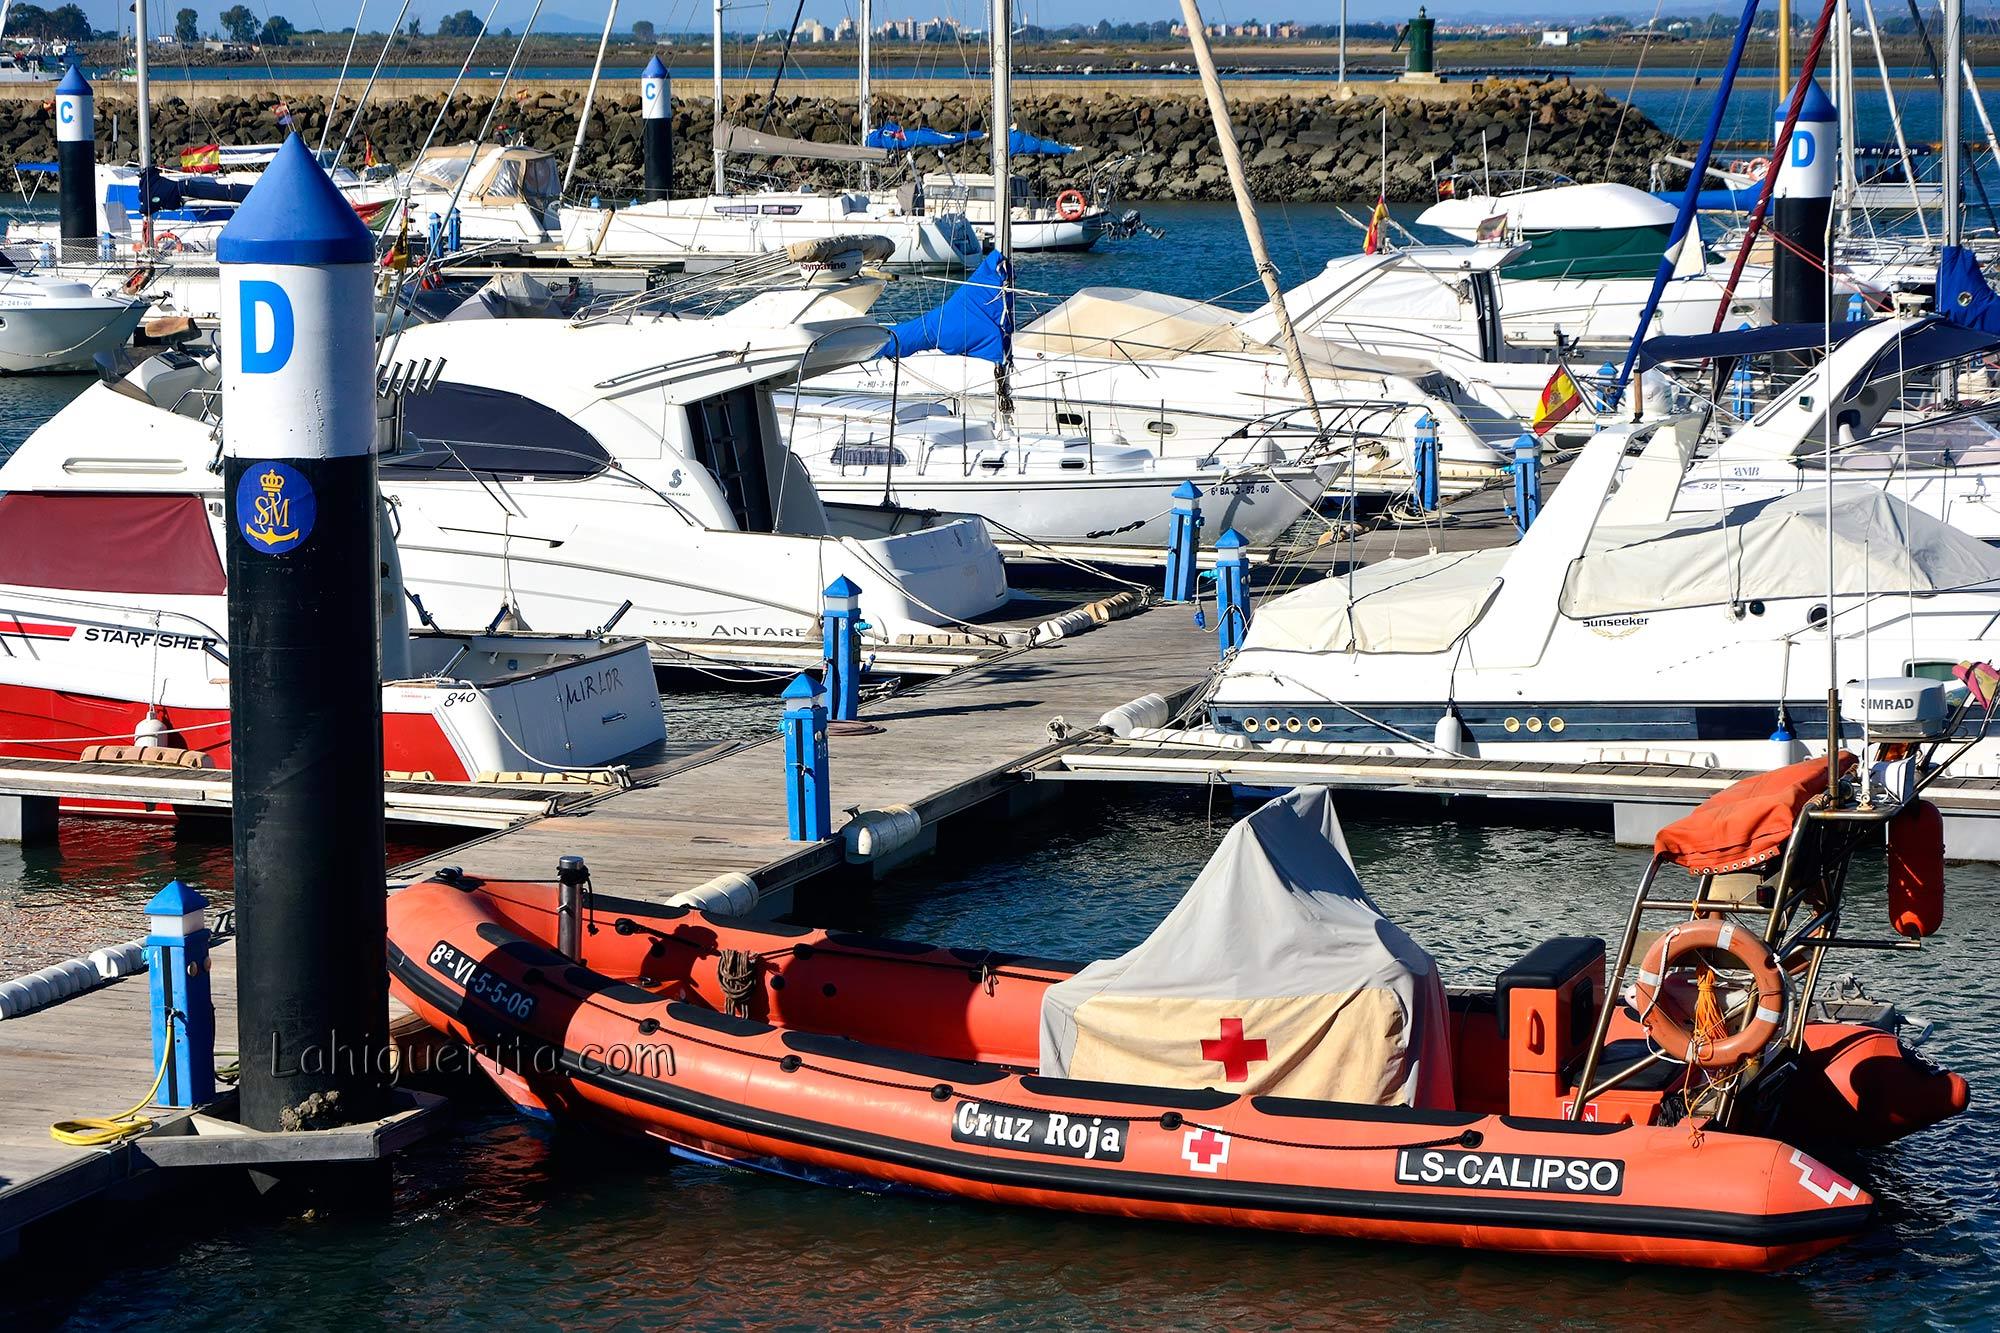 El equipo del barco de salvamento de Cruz Roja, con base en Isla Cristina ha llevado a cabo un total de 57 intervenciones en el 2017